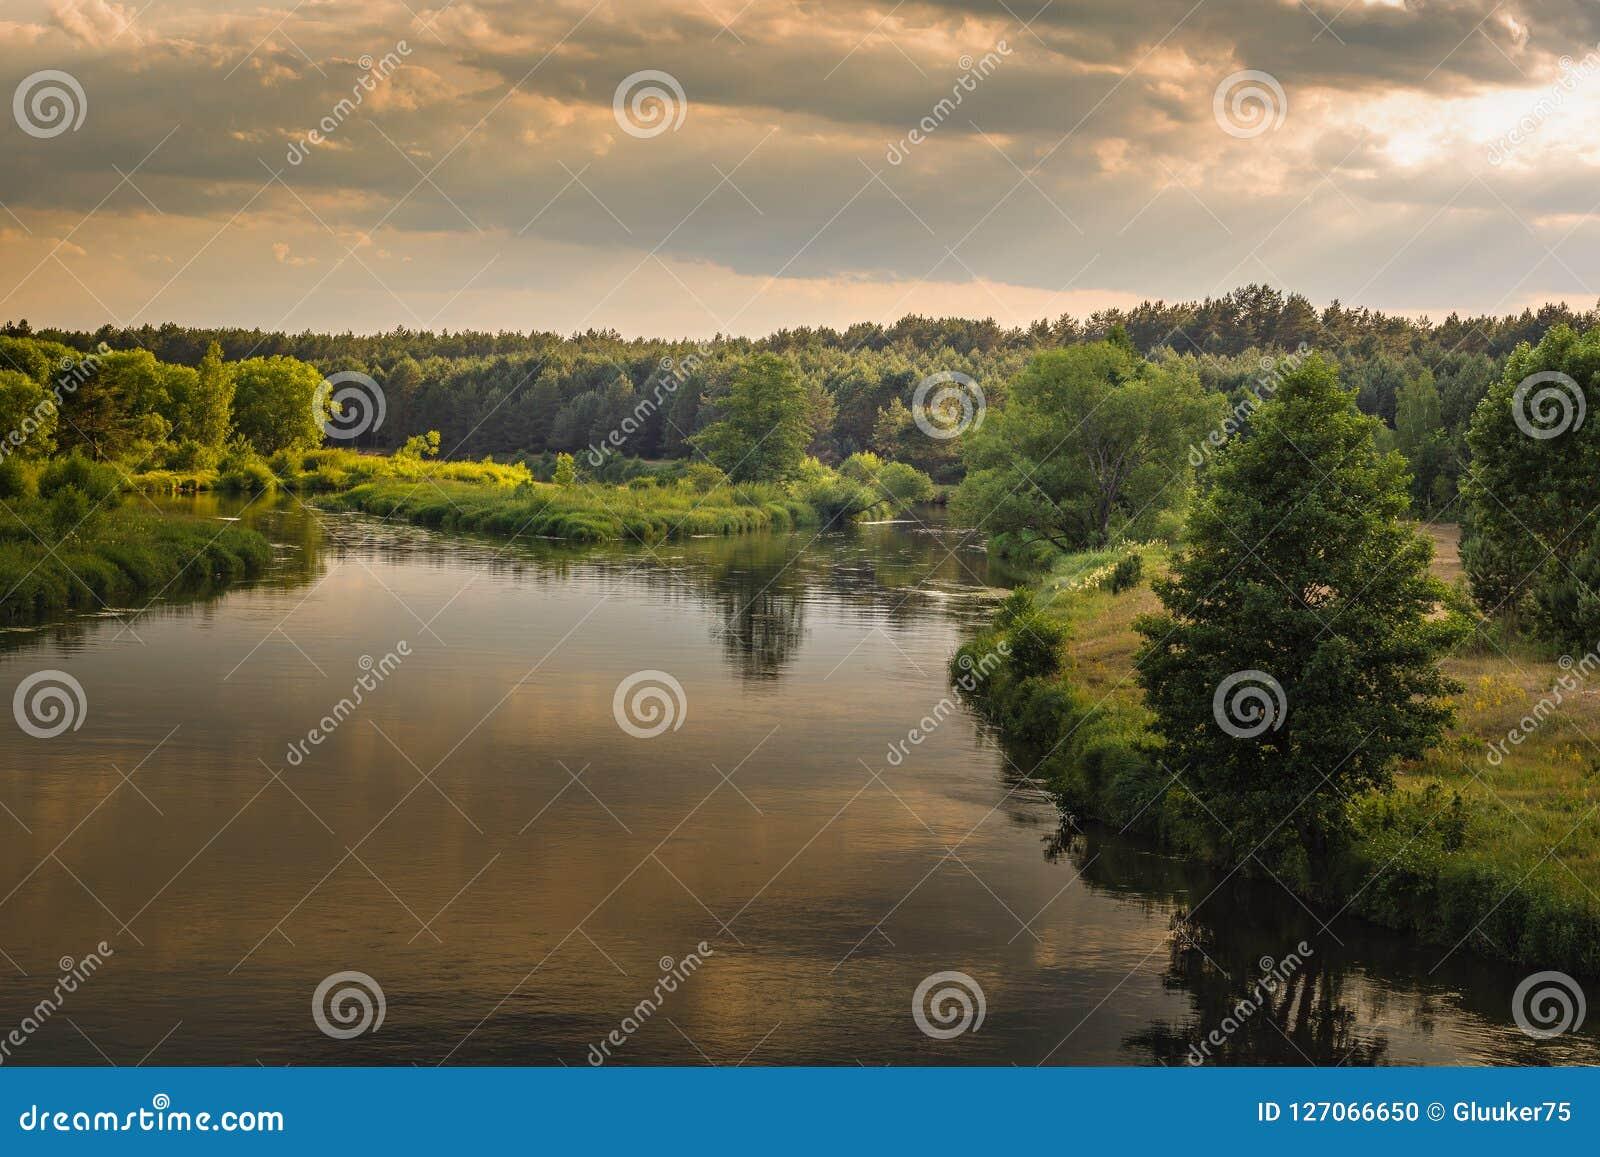 Tarde caliente del verano una vista del río con las costas herbosas, los árboles y un bosque denso debajo de un cielo nublado